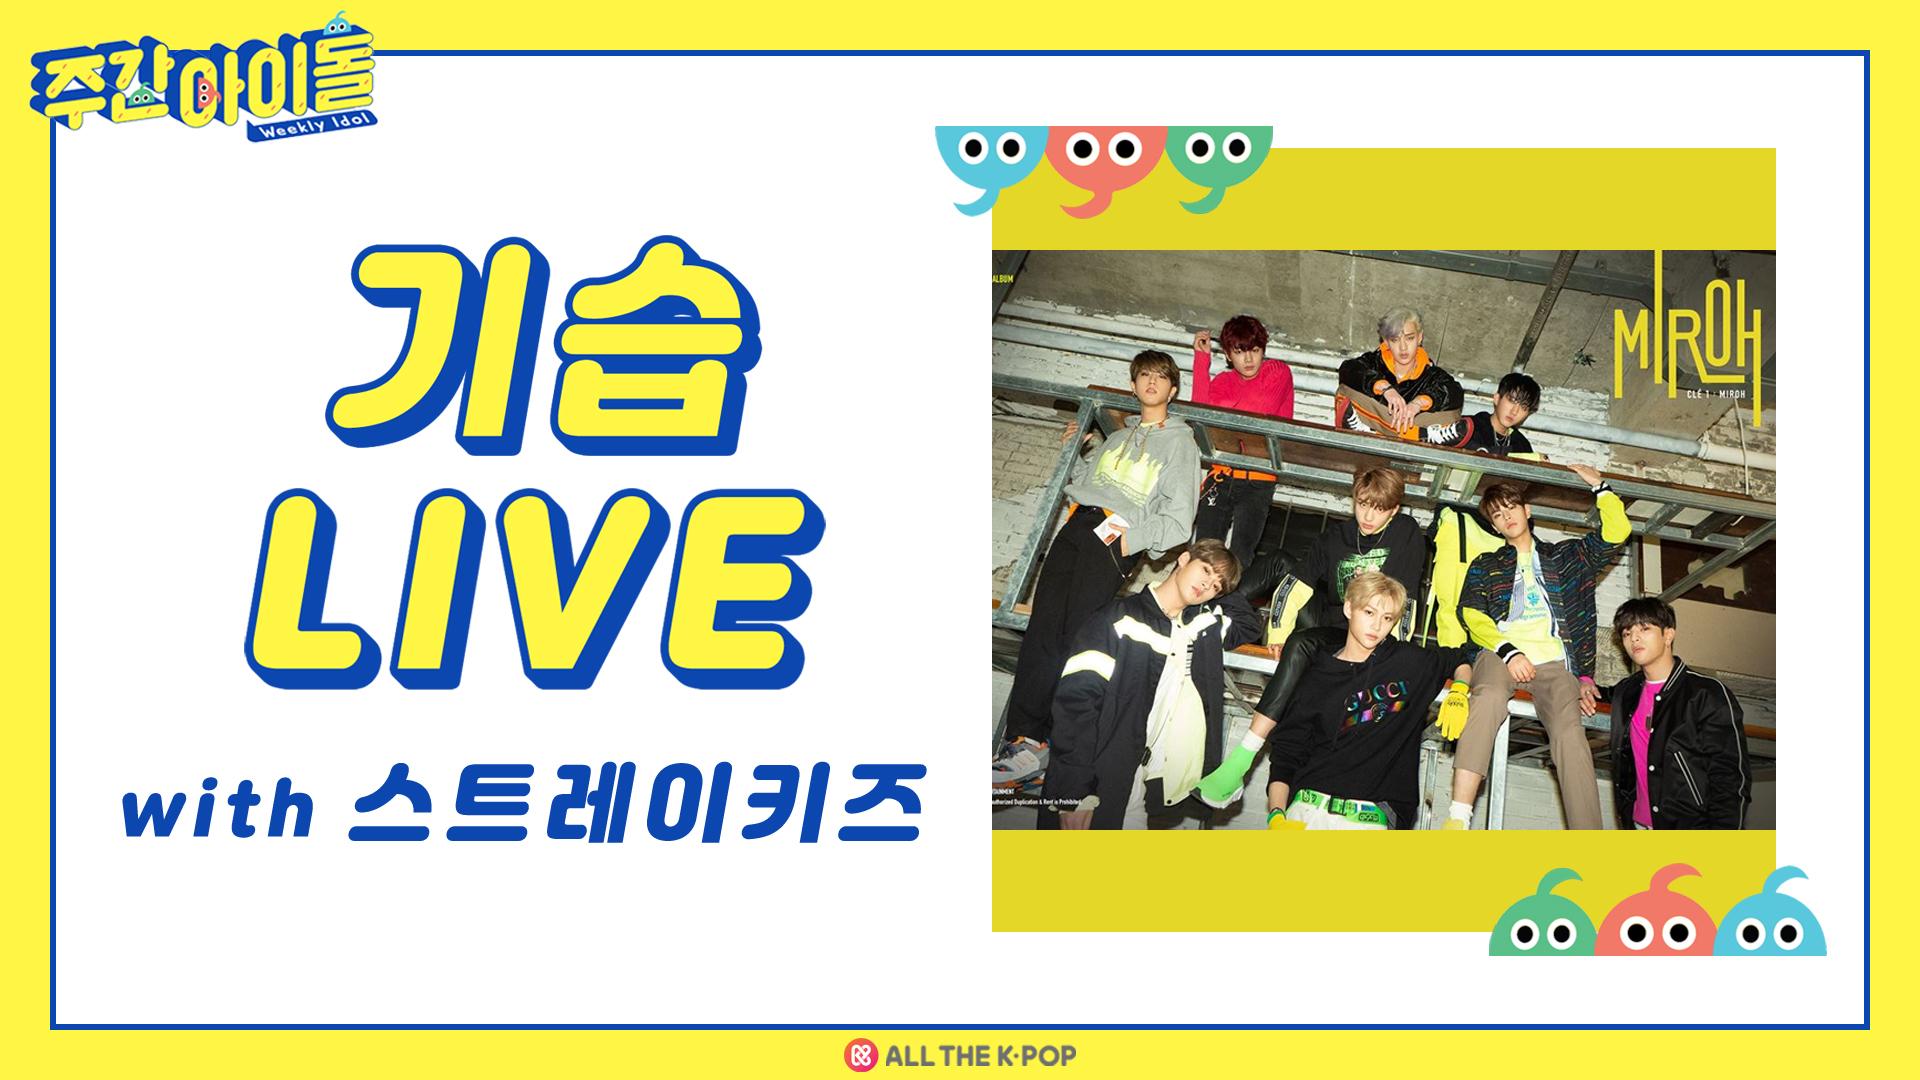 [주간아이돌] 기습 LIVE with 스트레이키즈(Stray Kids)